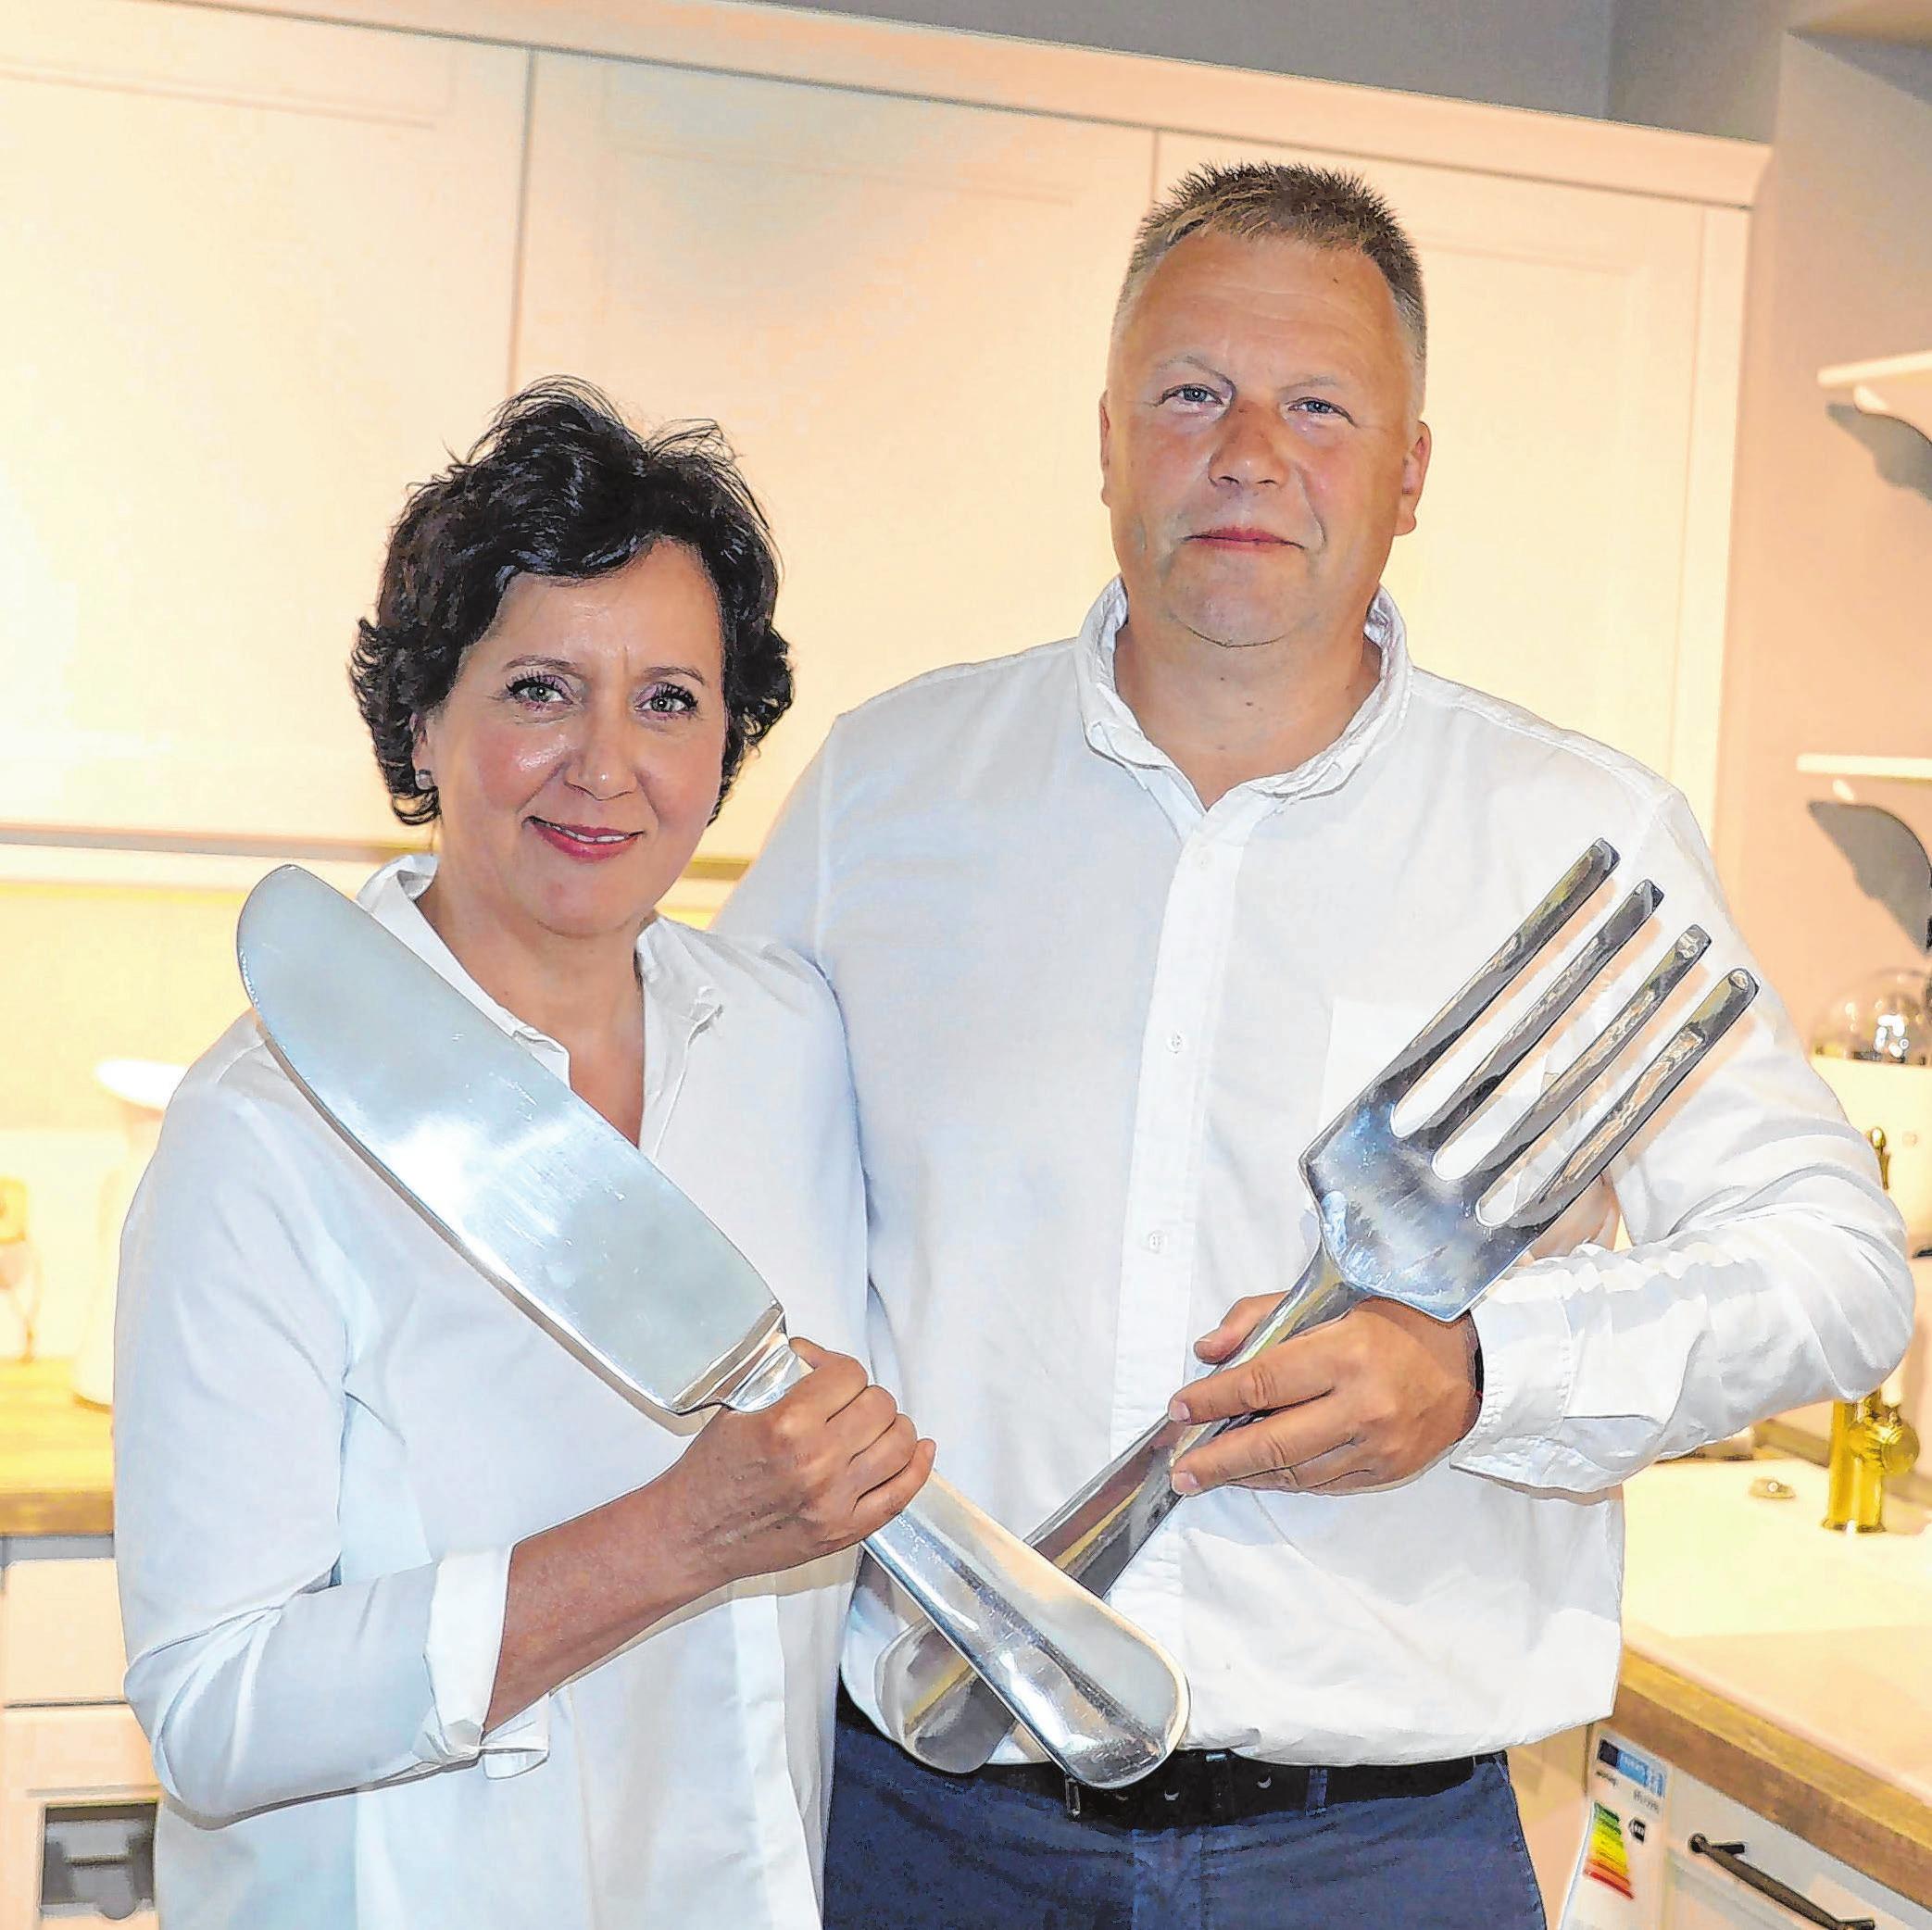 Daniela und Ingo Werner investierten in den Bau eines neuen Küchenstudios. Fotos: Archiv/Werner